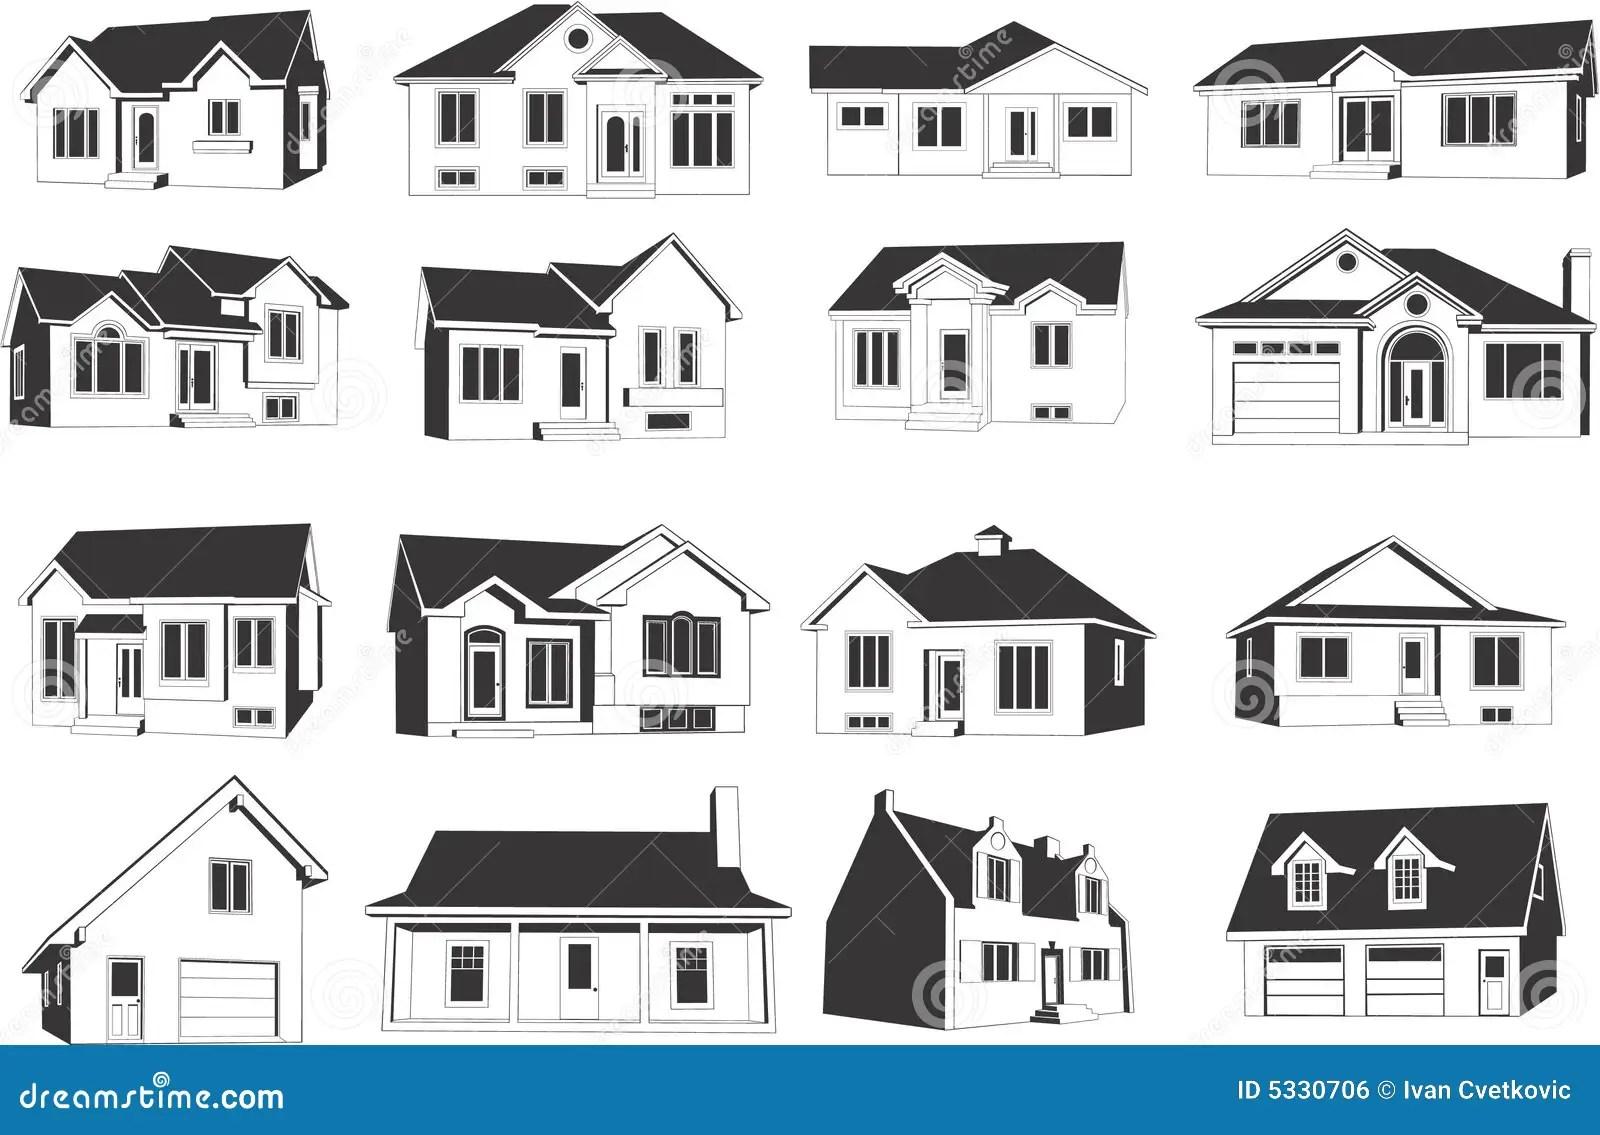 House Wiring Plan Symbol